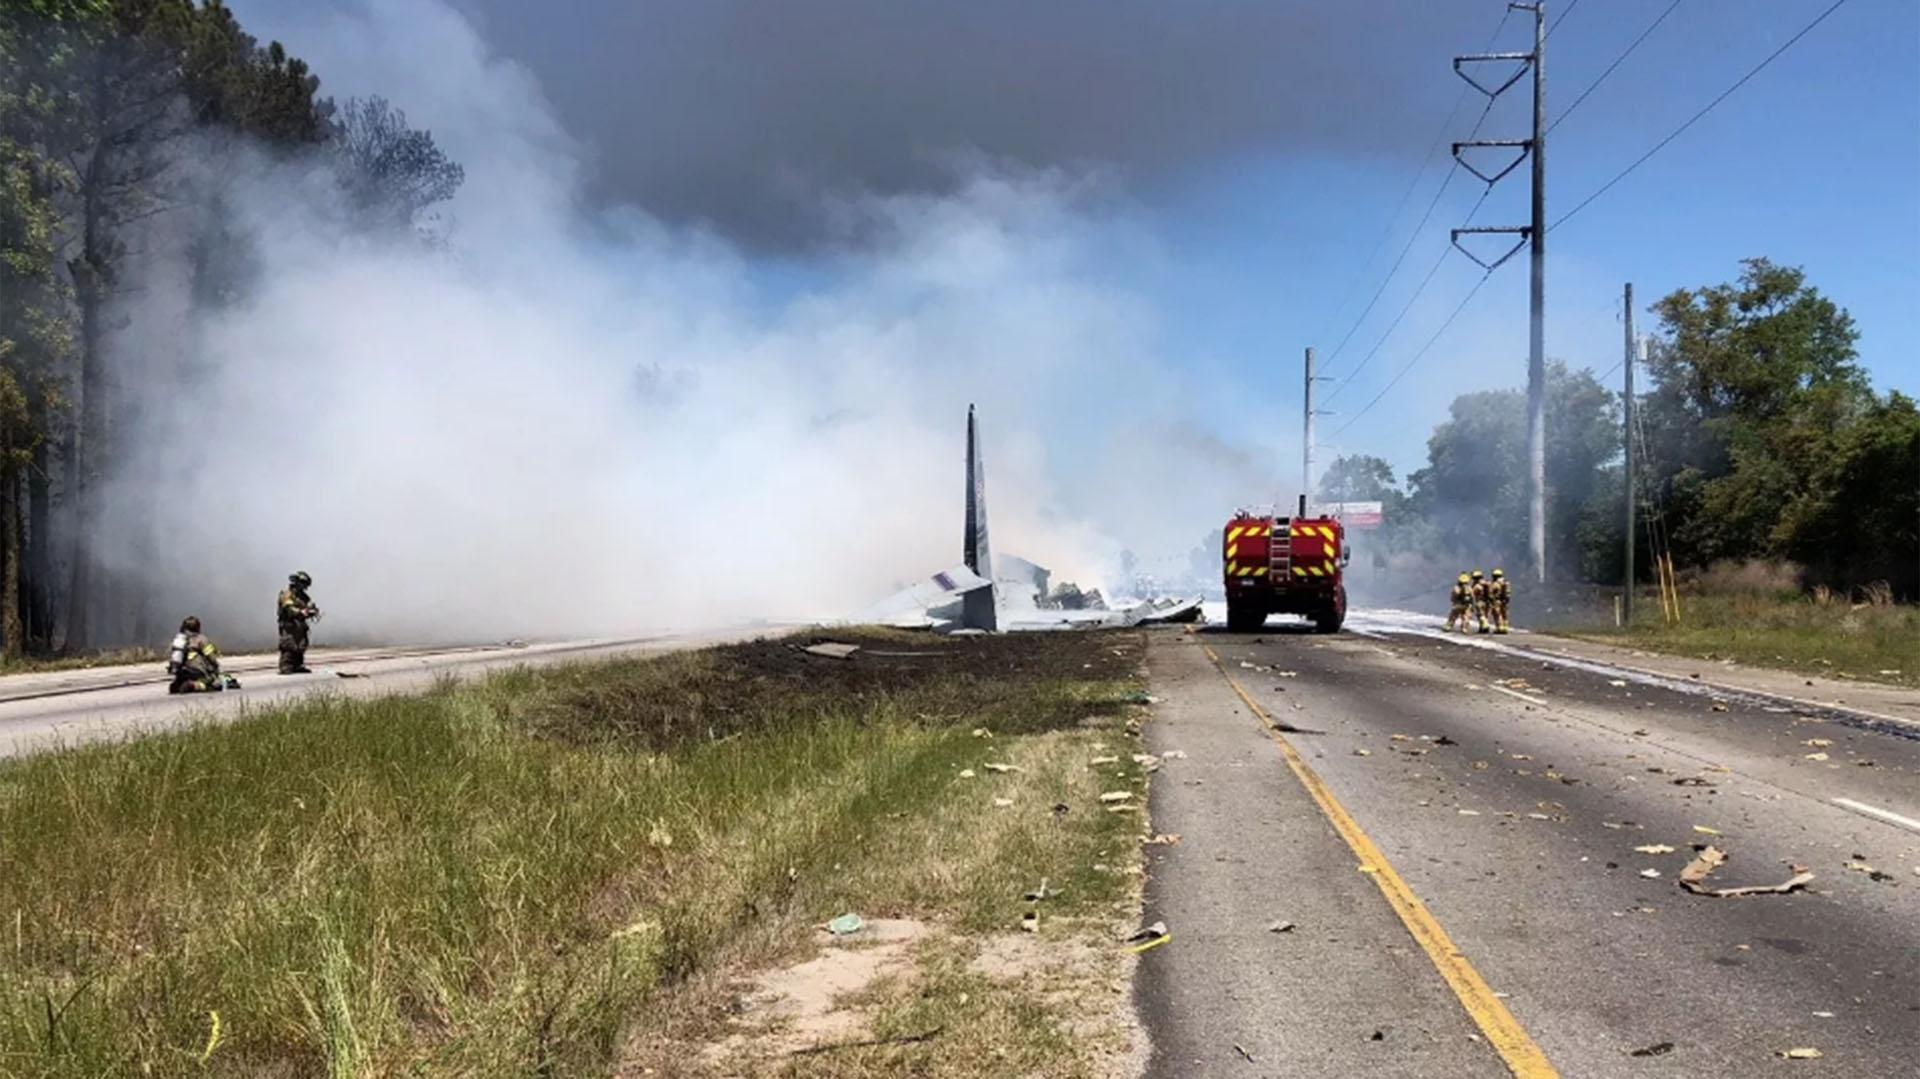 El avión cayó sobre una autopista